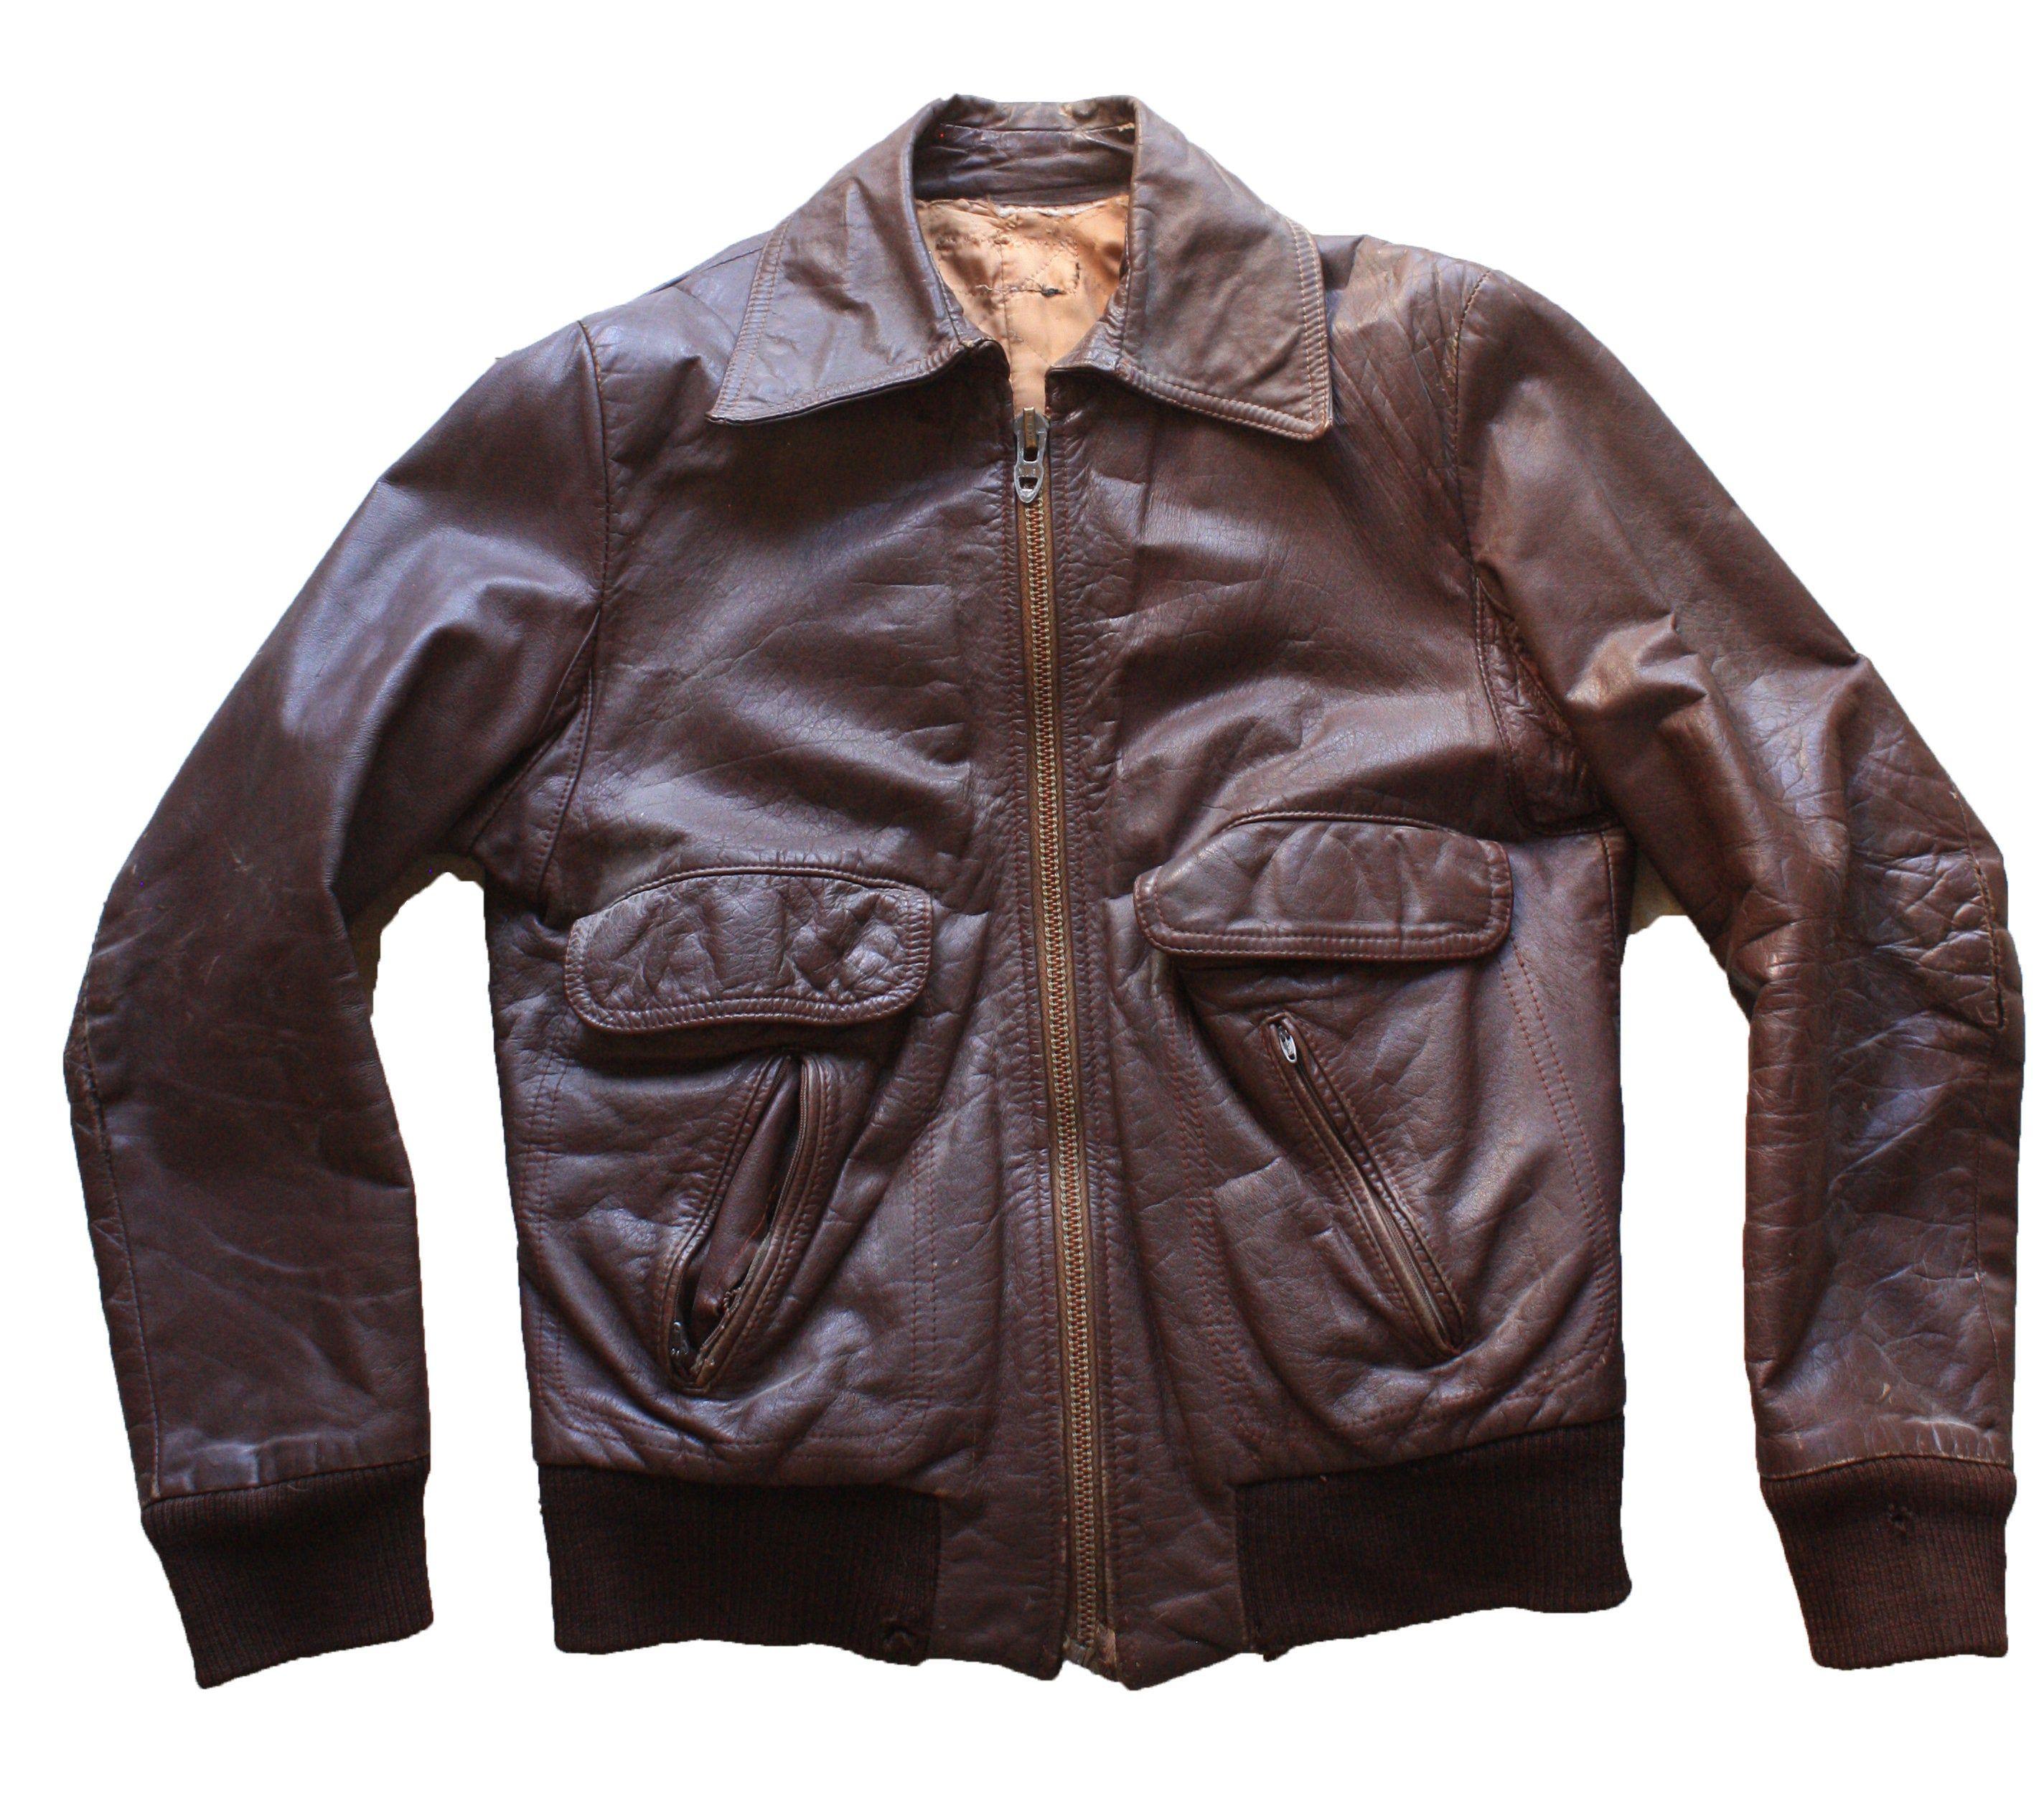 Vintage Leather Jacket Cafe Racer Jacket Biker Jacket Etsy Mens Leather Bomber Jacket Bomber Jacket Vintage Vintage Leather Jacket [ 2528 x 2848 Pixel ]